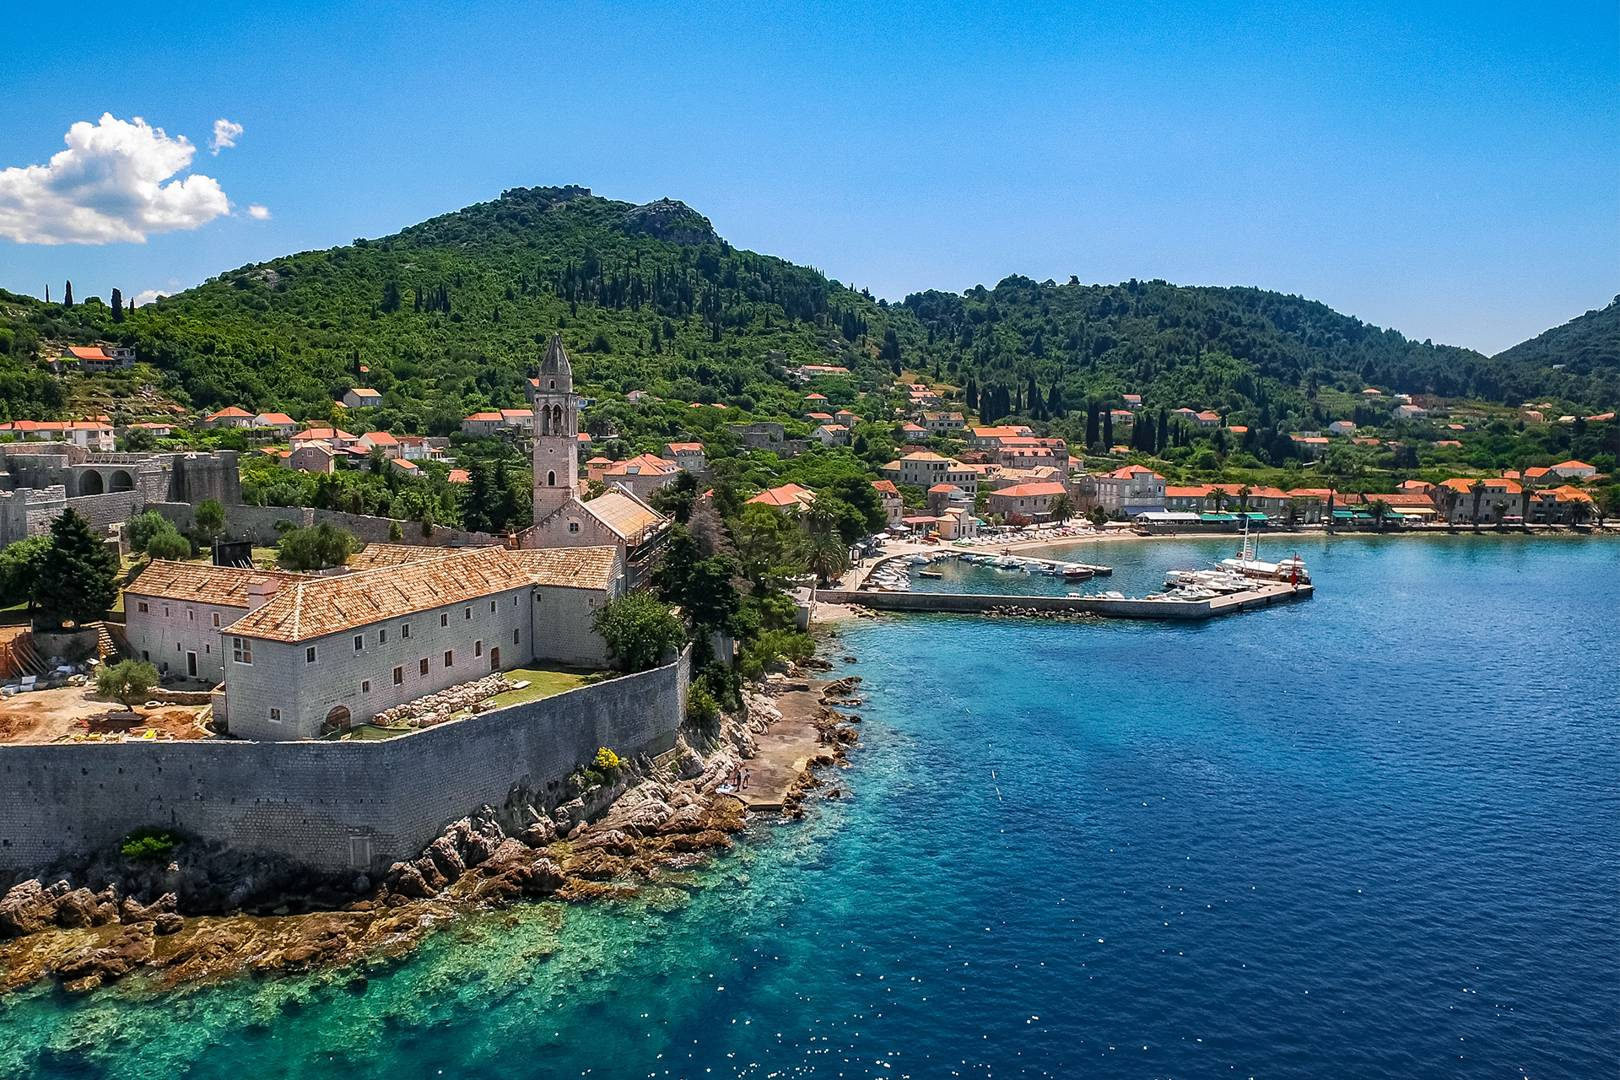 Dubrovnik Riviera: 10 beautiful escapes